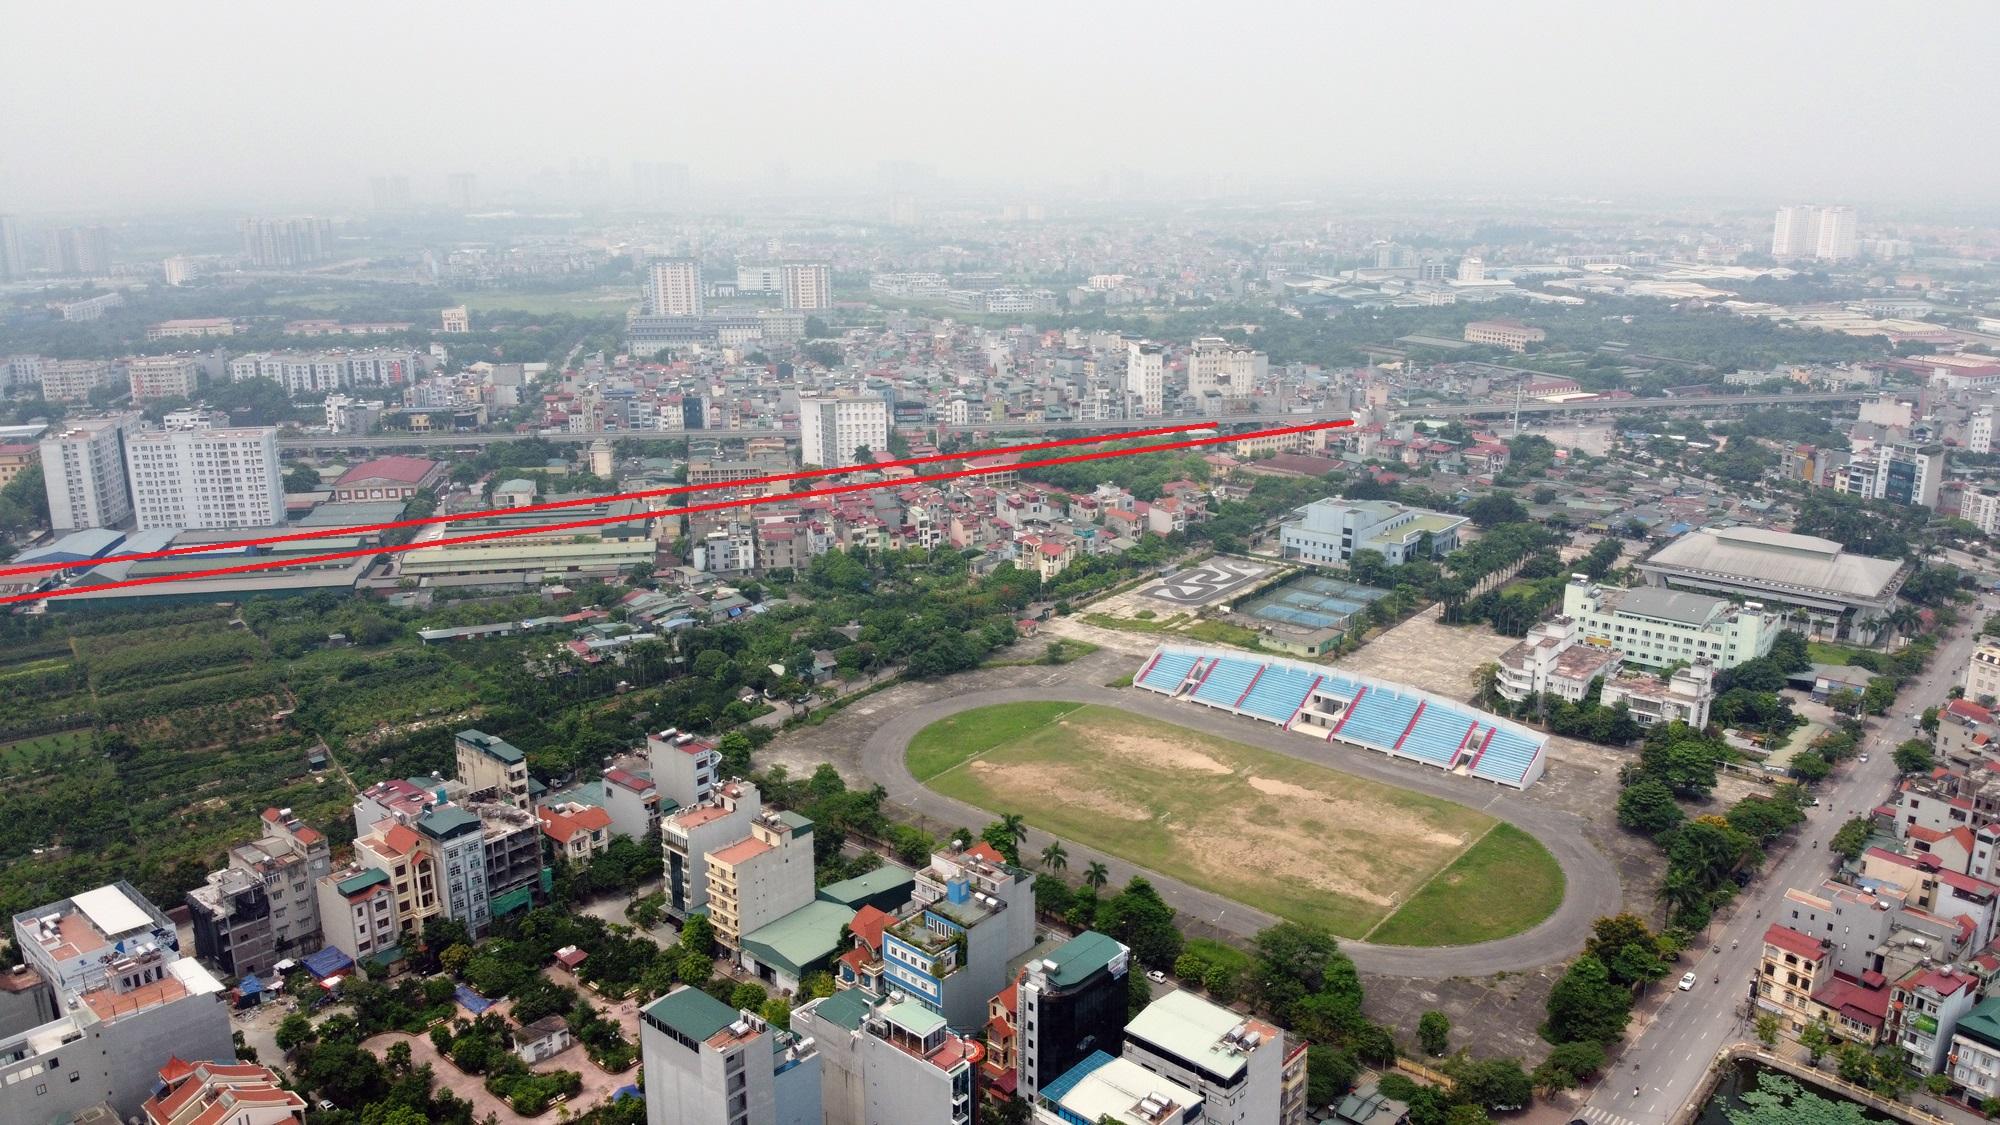 Kế hoạch sử dụng đất phường Phúc Diễn, Bắc Từ Liêm, Hà Nội năm 2021 - Ảnh 1.